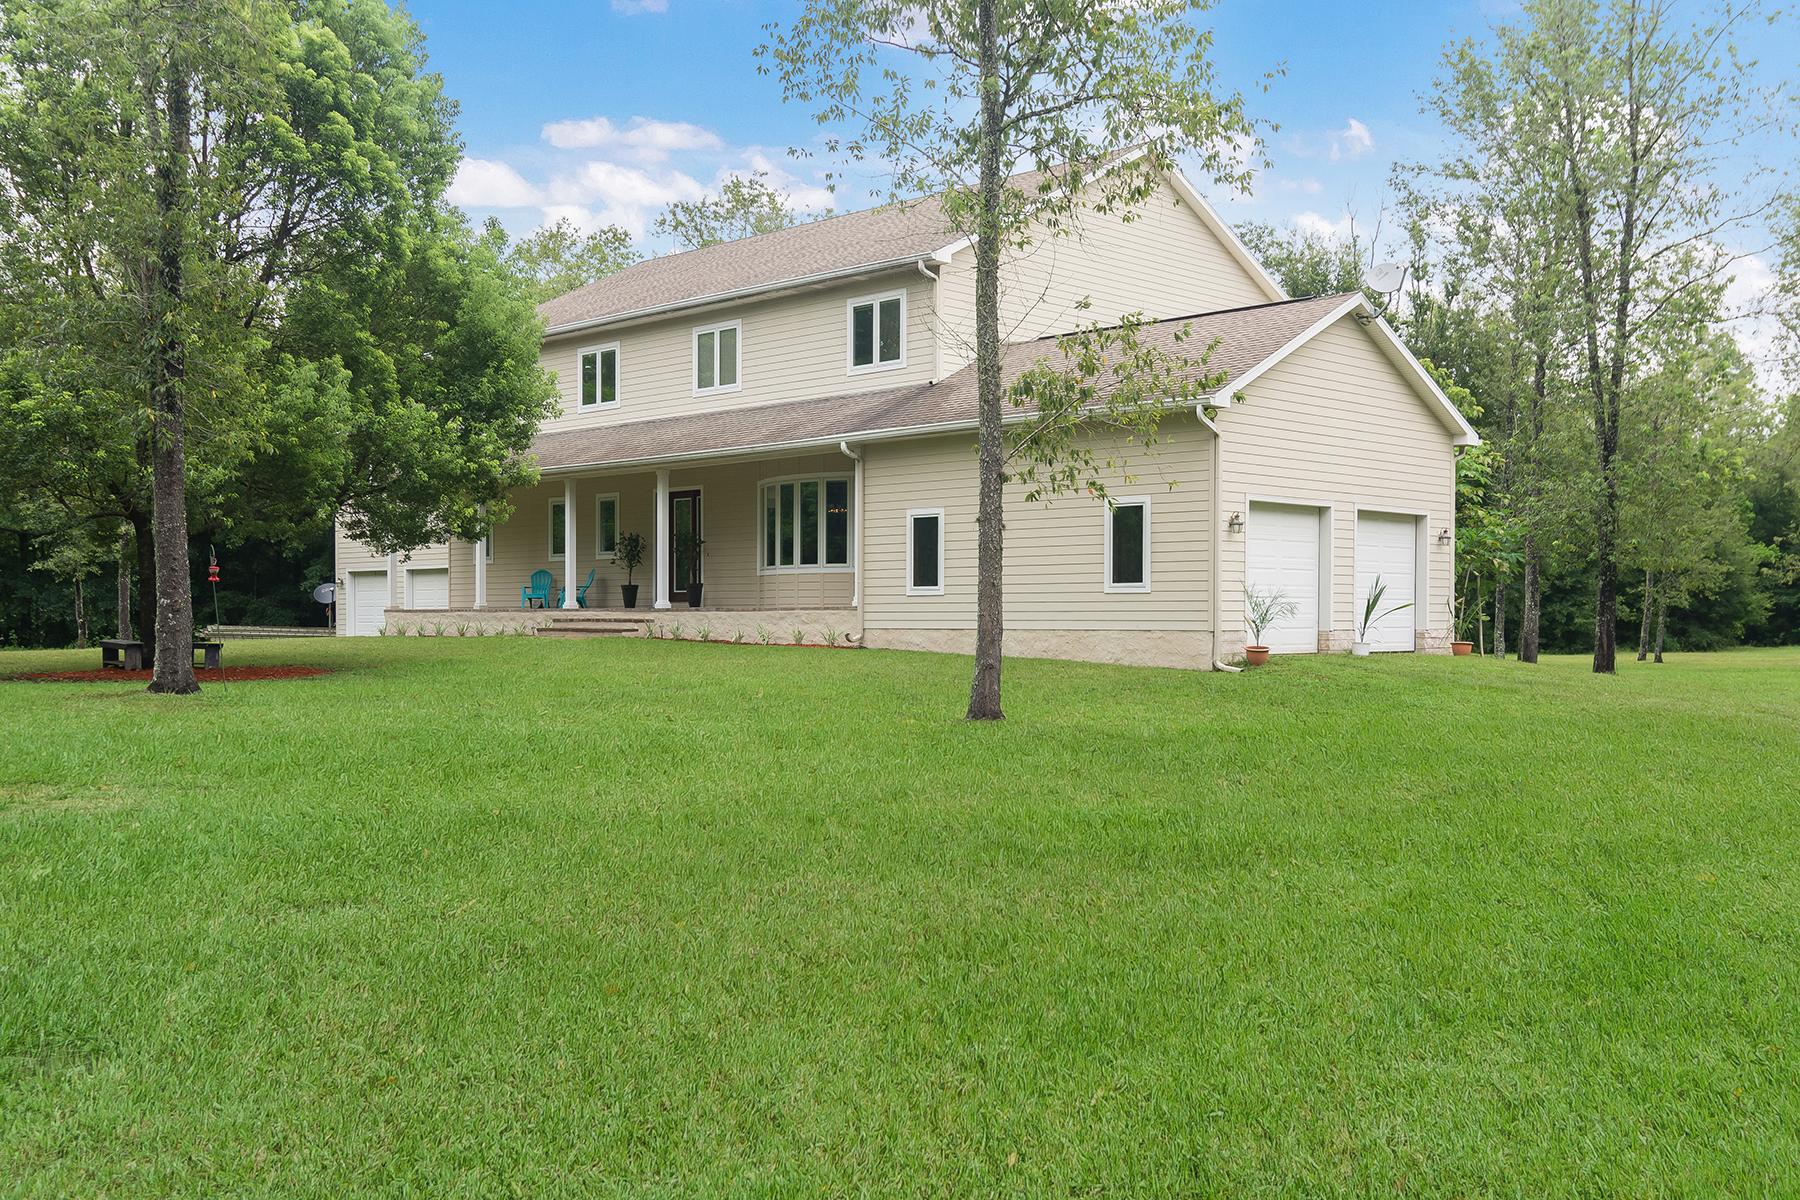 独户住宅 为 销售 在 DADE CITY 17844 Lecil Ln 戴德城, 佛罗里达州, 33523 美国